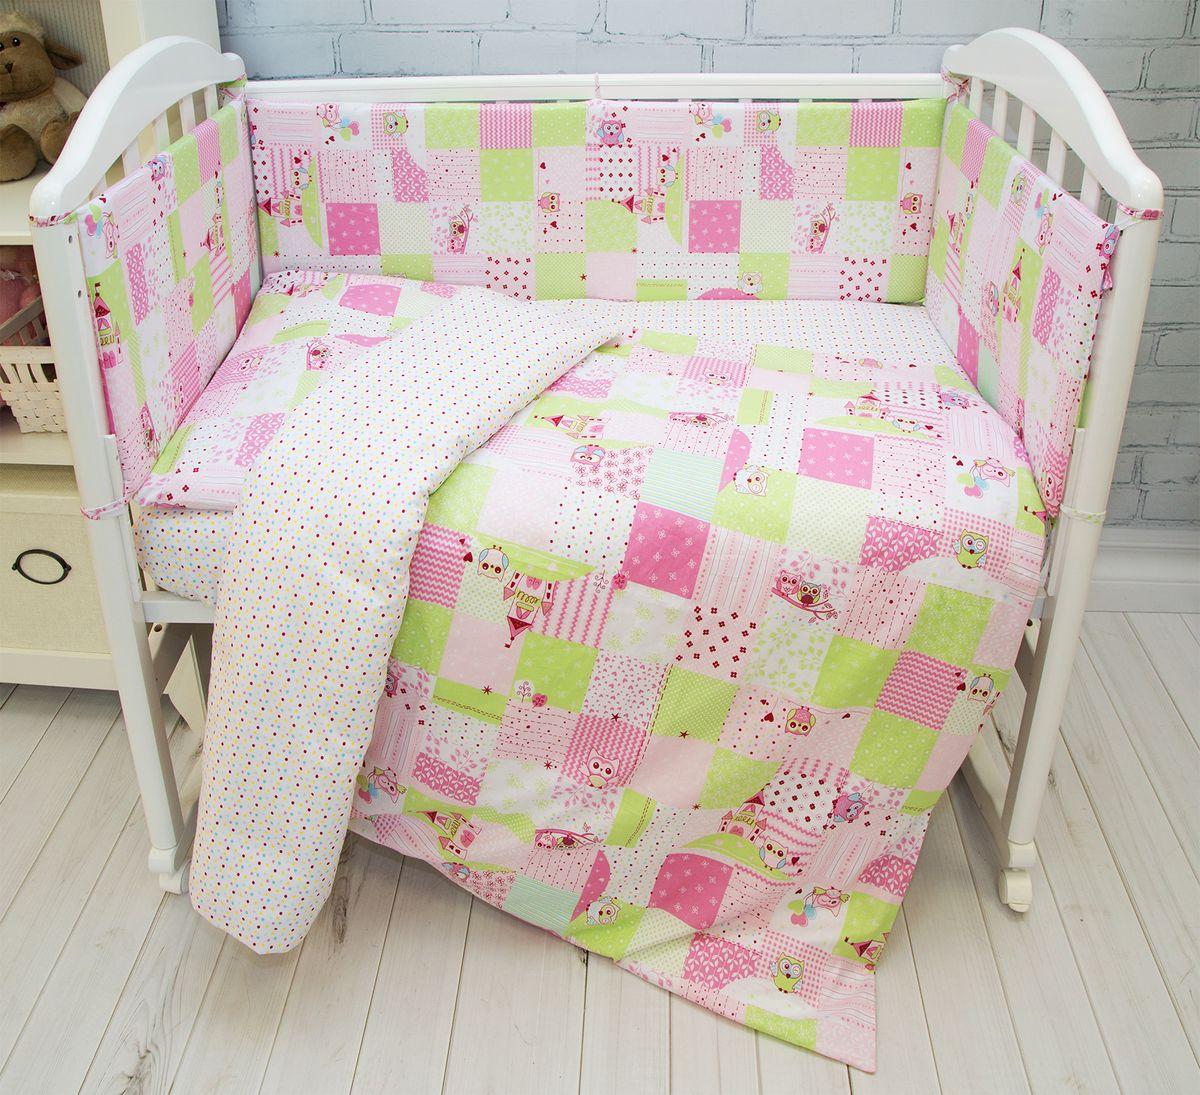 Споки Ноки Бортик для кровати Совы цвет розовый